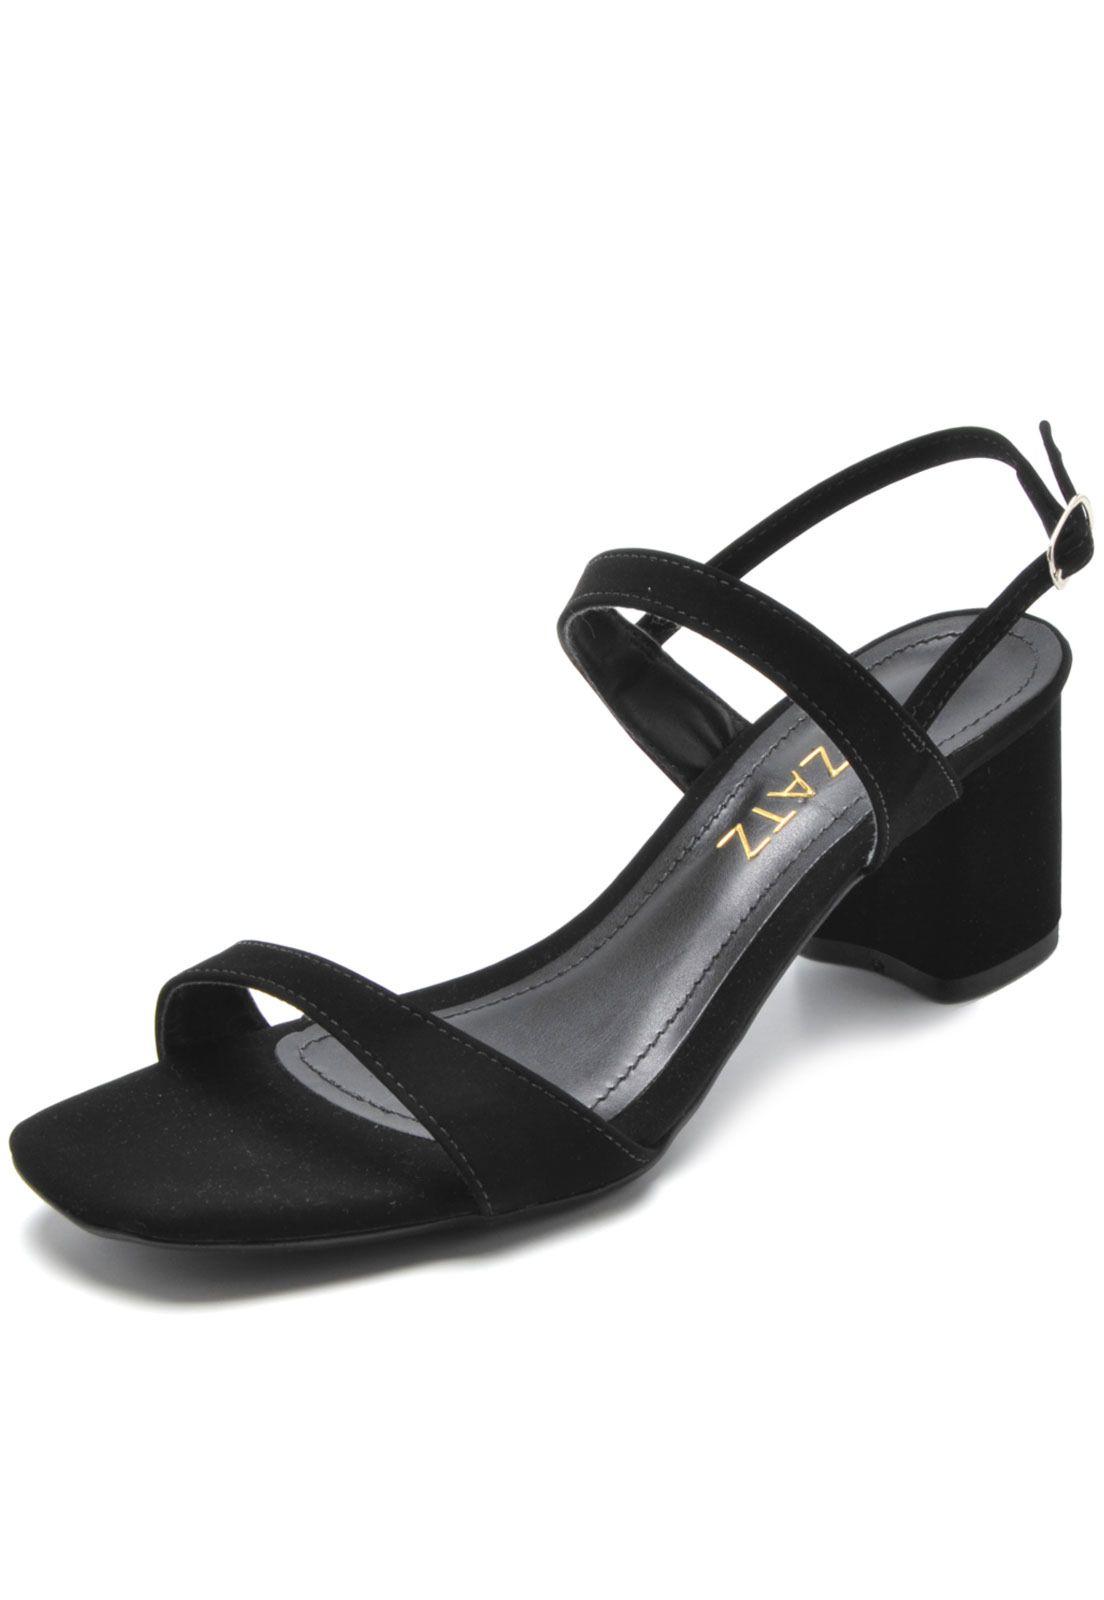 Sandálias Zatz de mulher sapatos salto alto lindos , compare